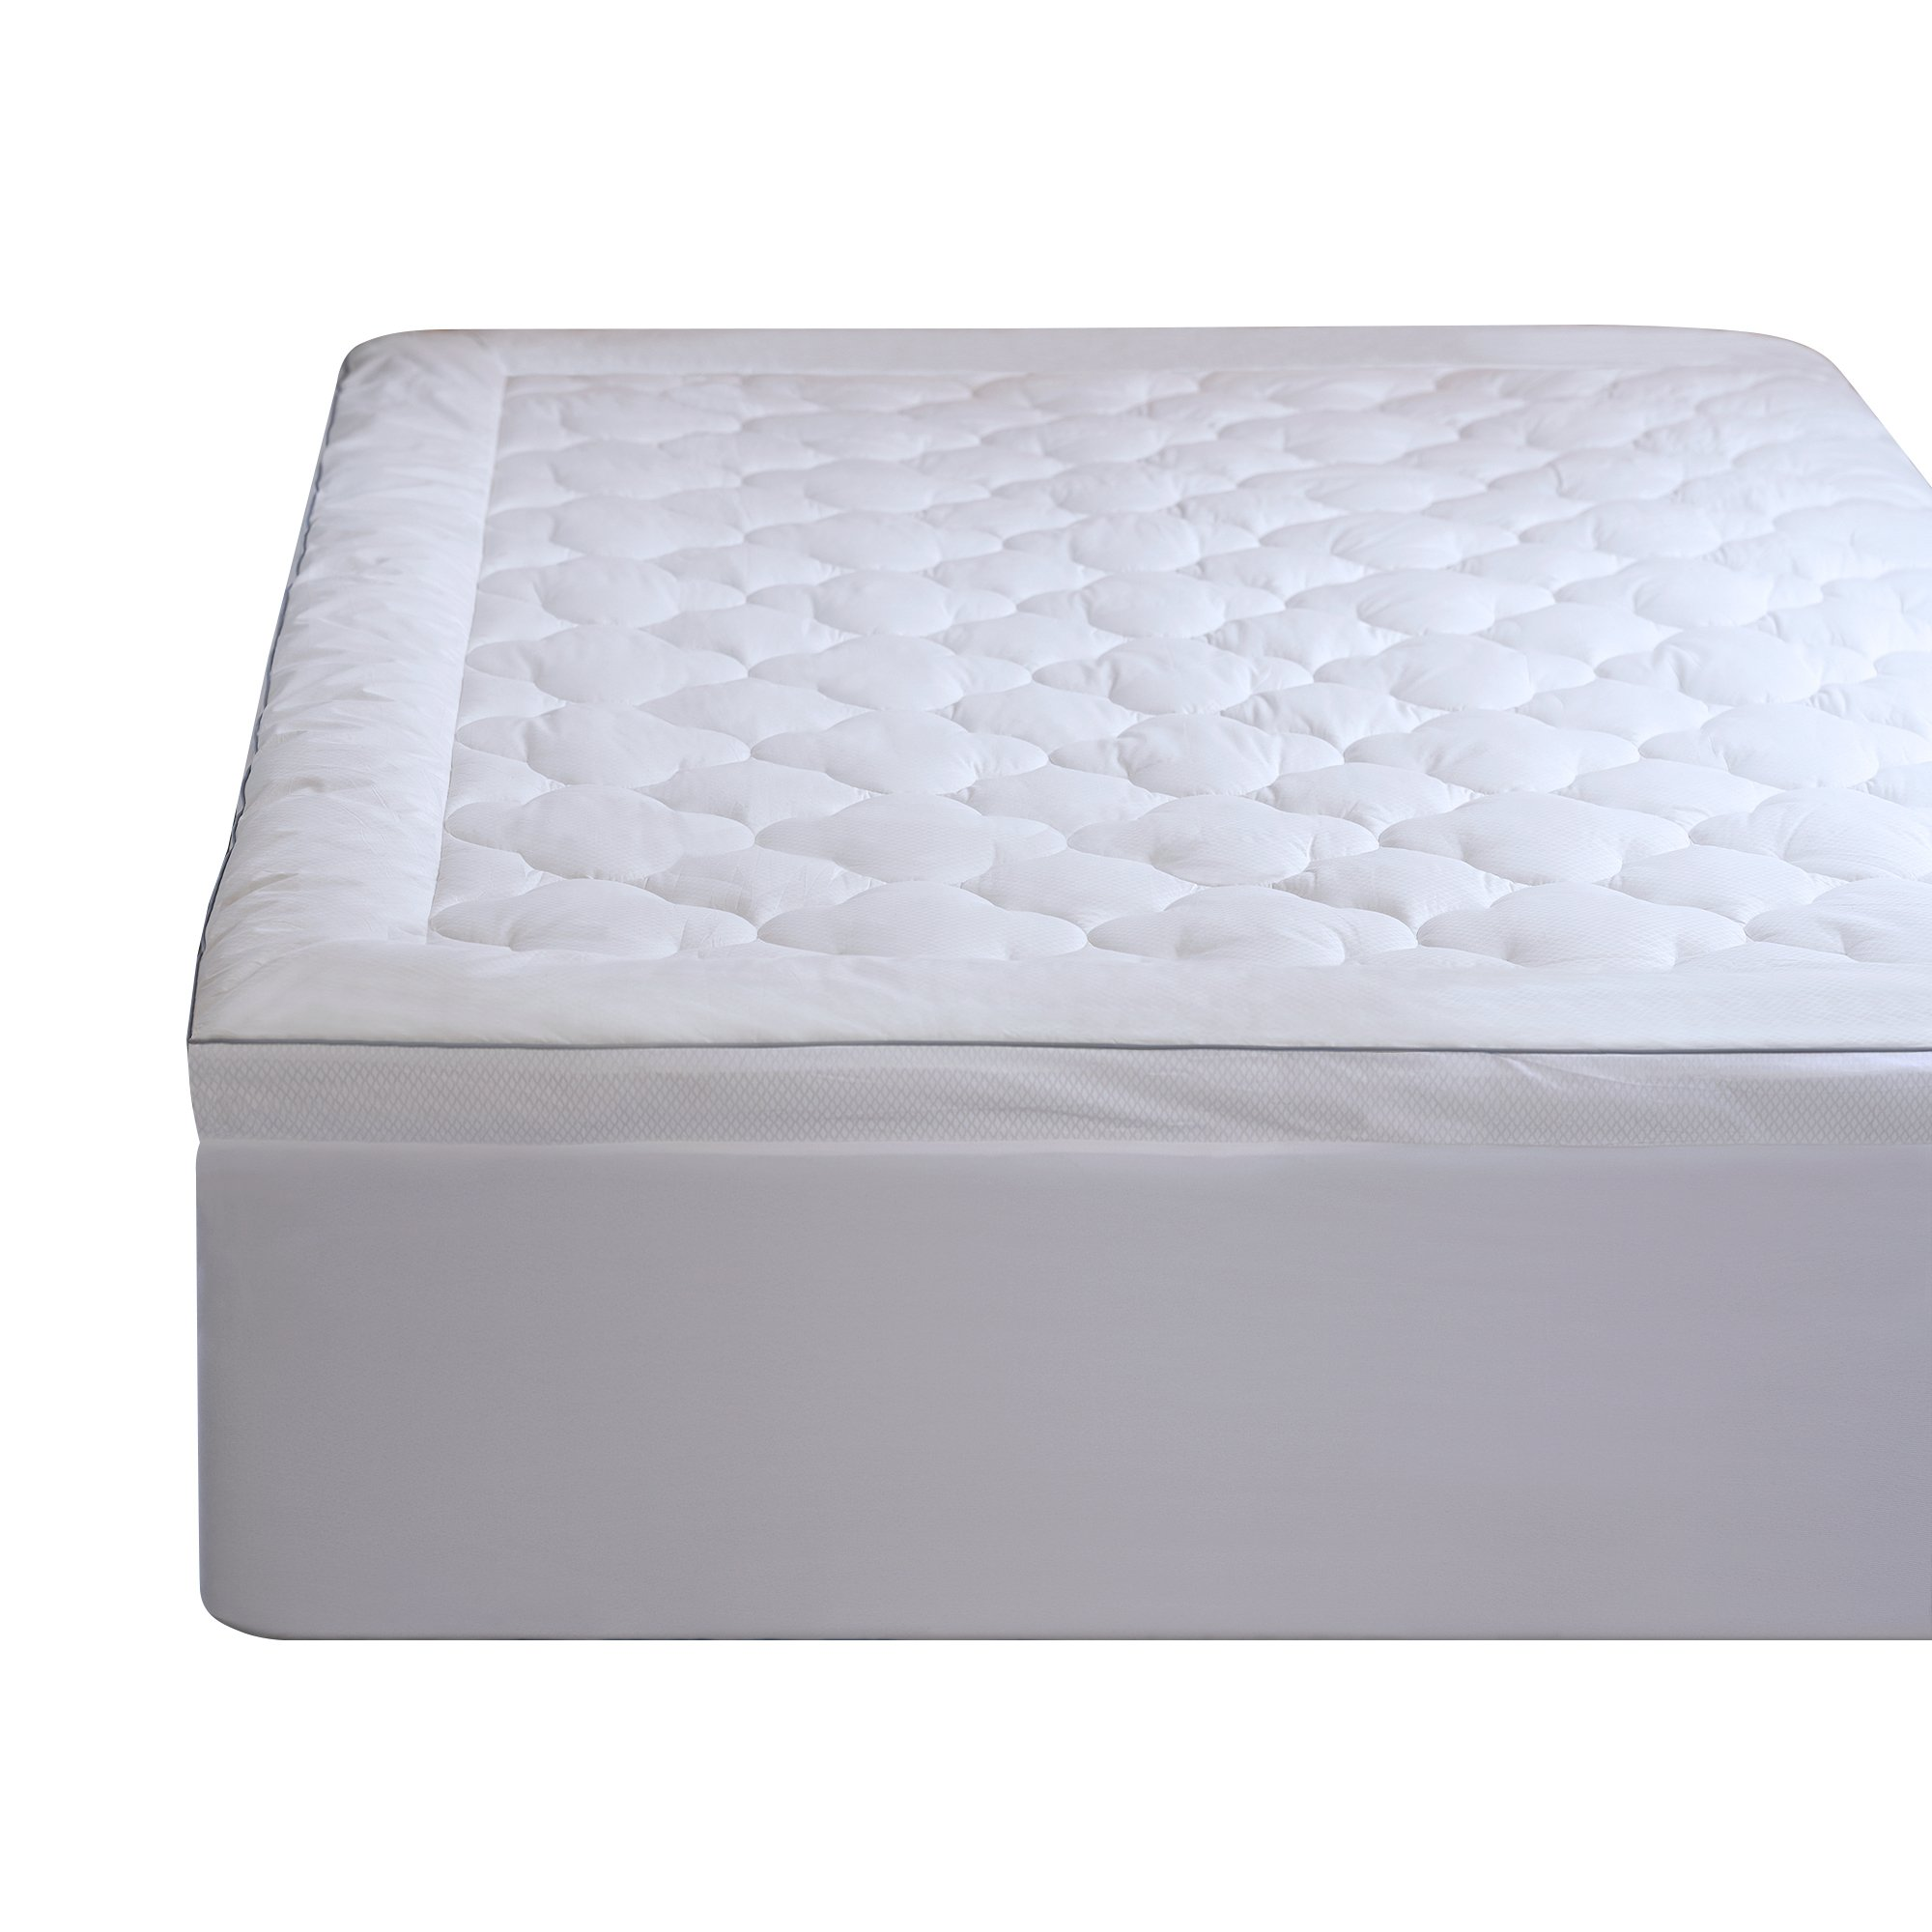 Allied Essentials Serenity Cool Sleep Mattress Pad, Queen, White